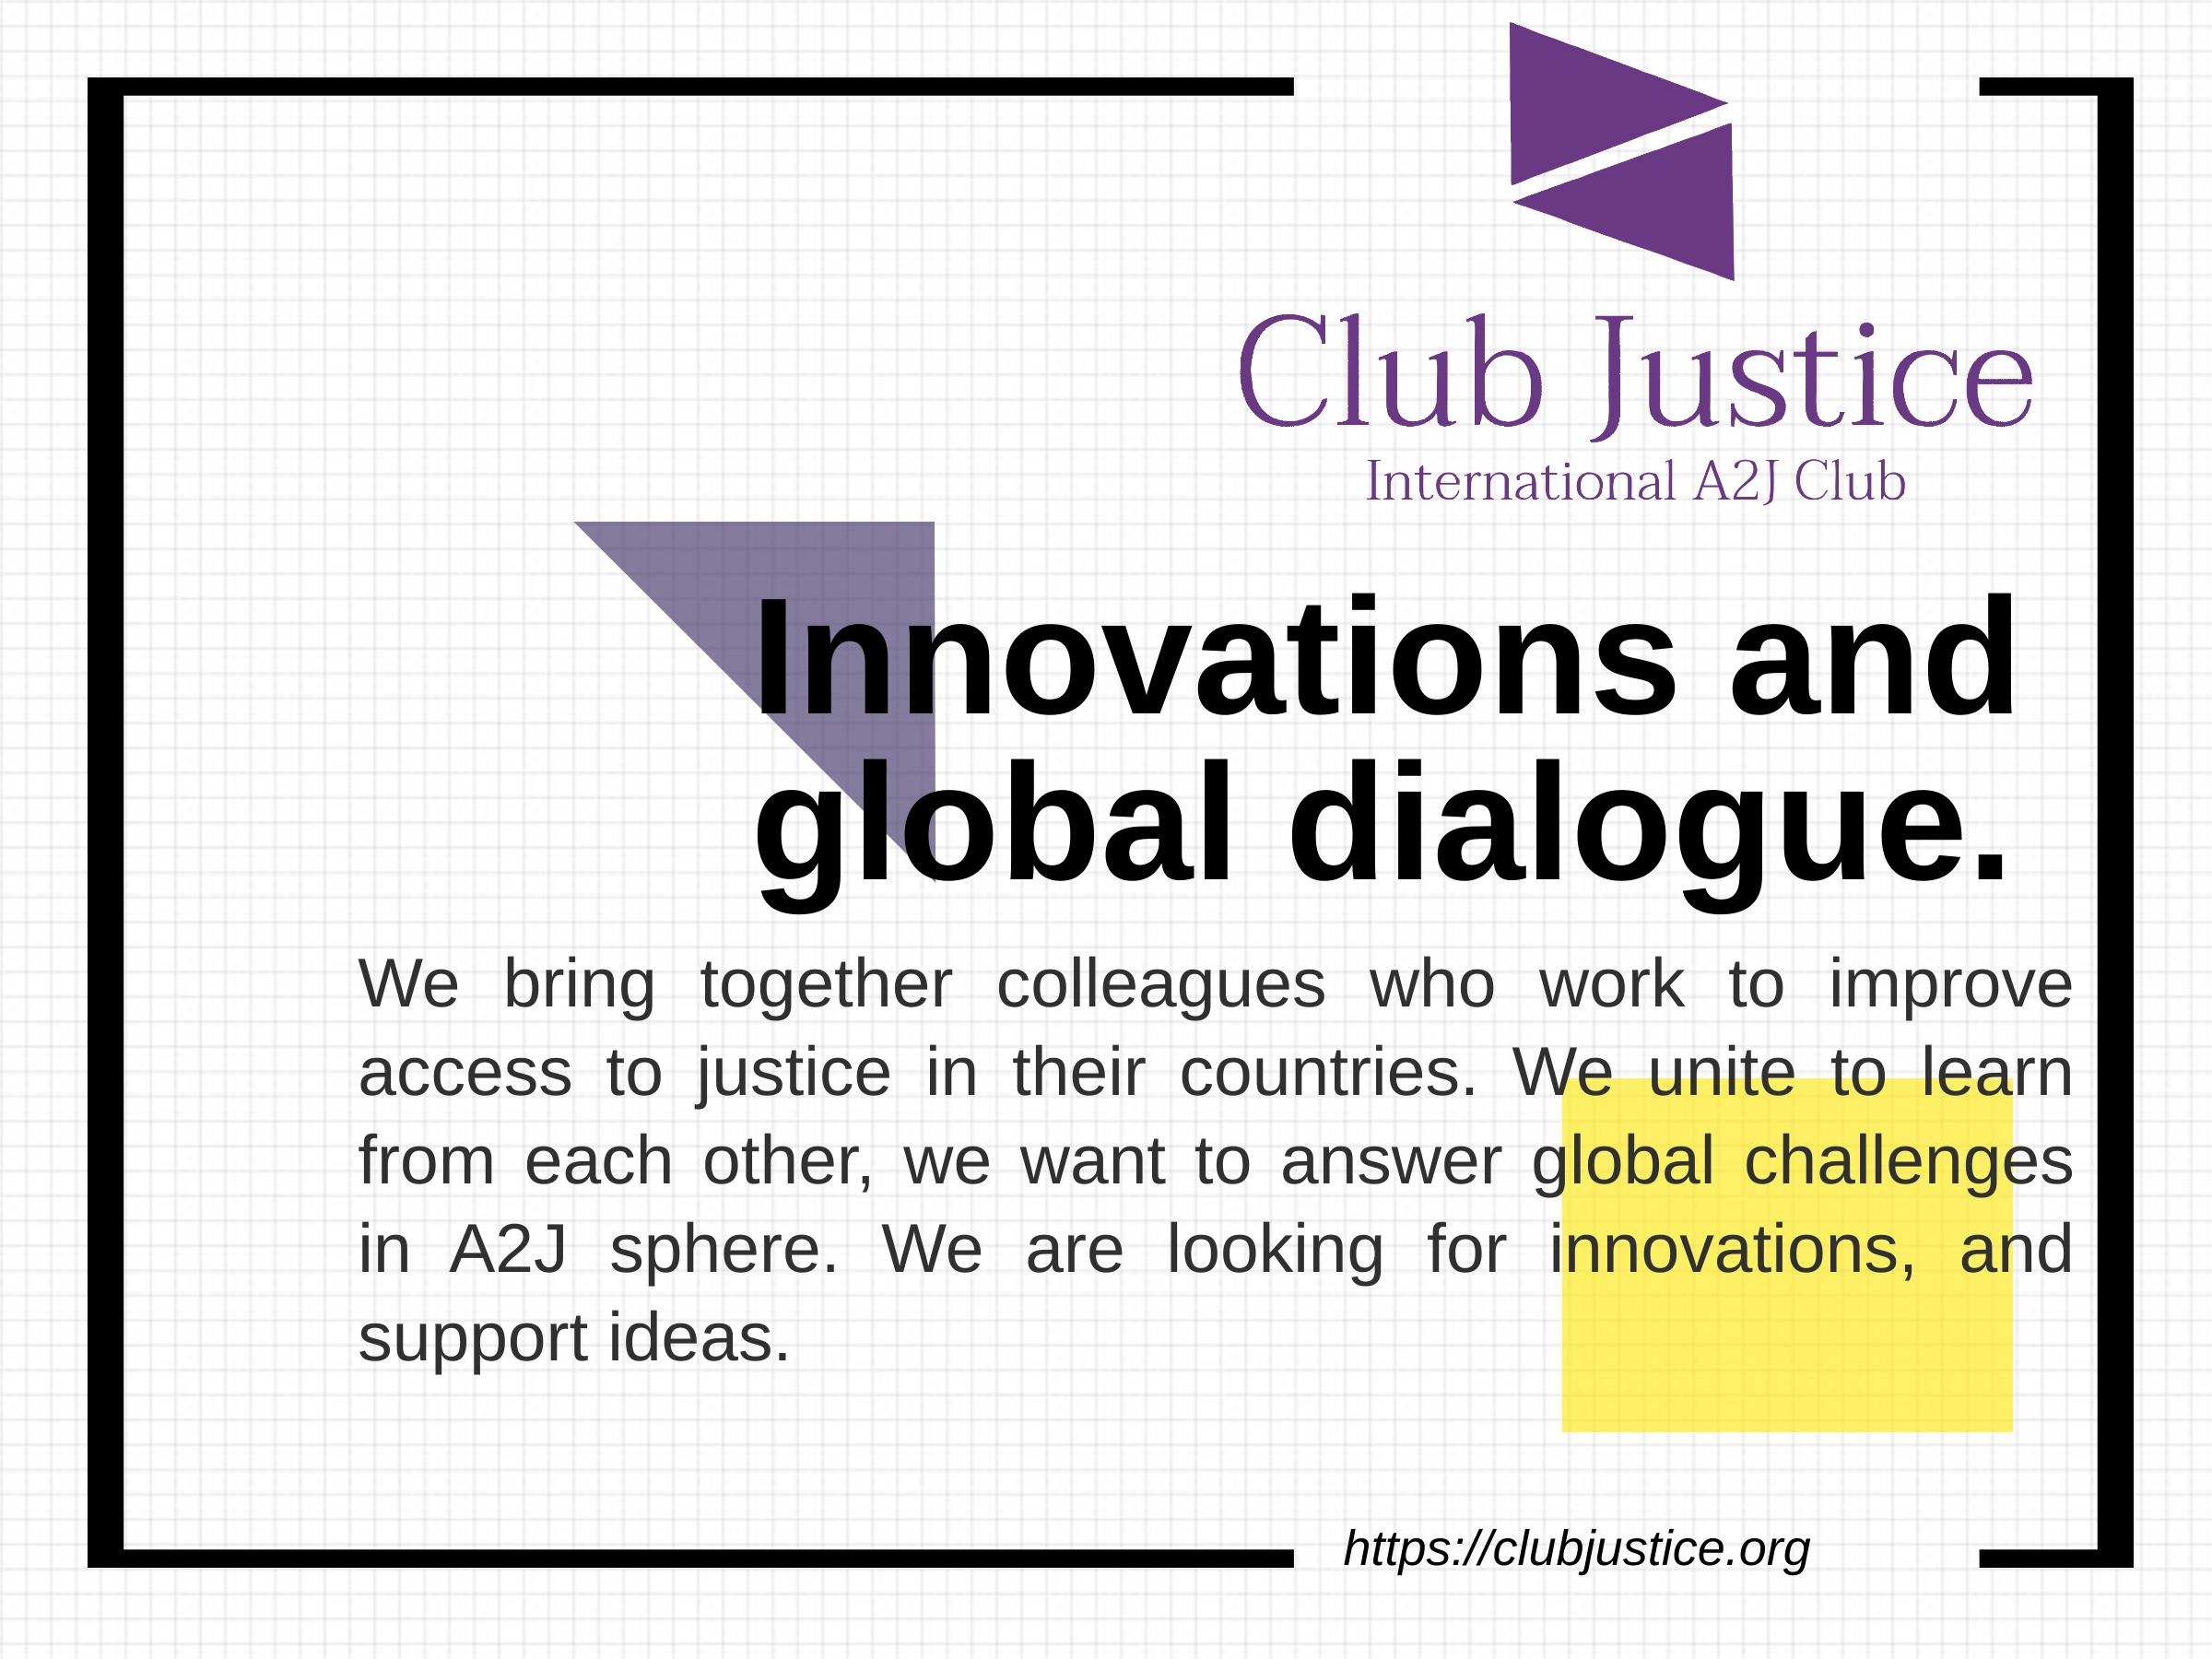 Фундація приєдналась до Міжнародного клубу інноваторов в сфері доступу до правосуддя